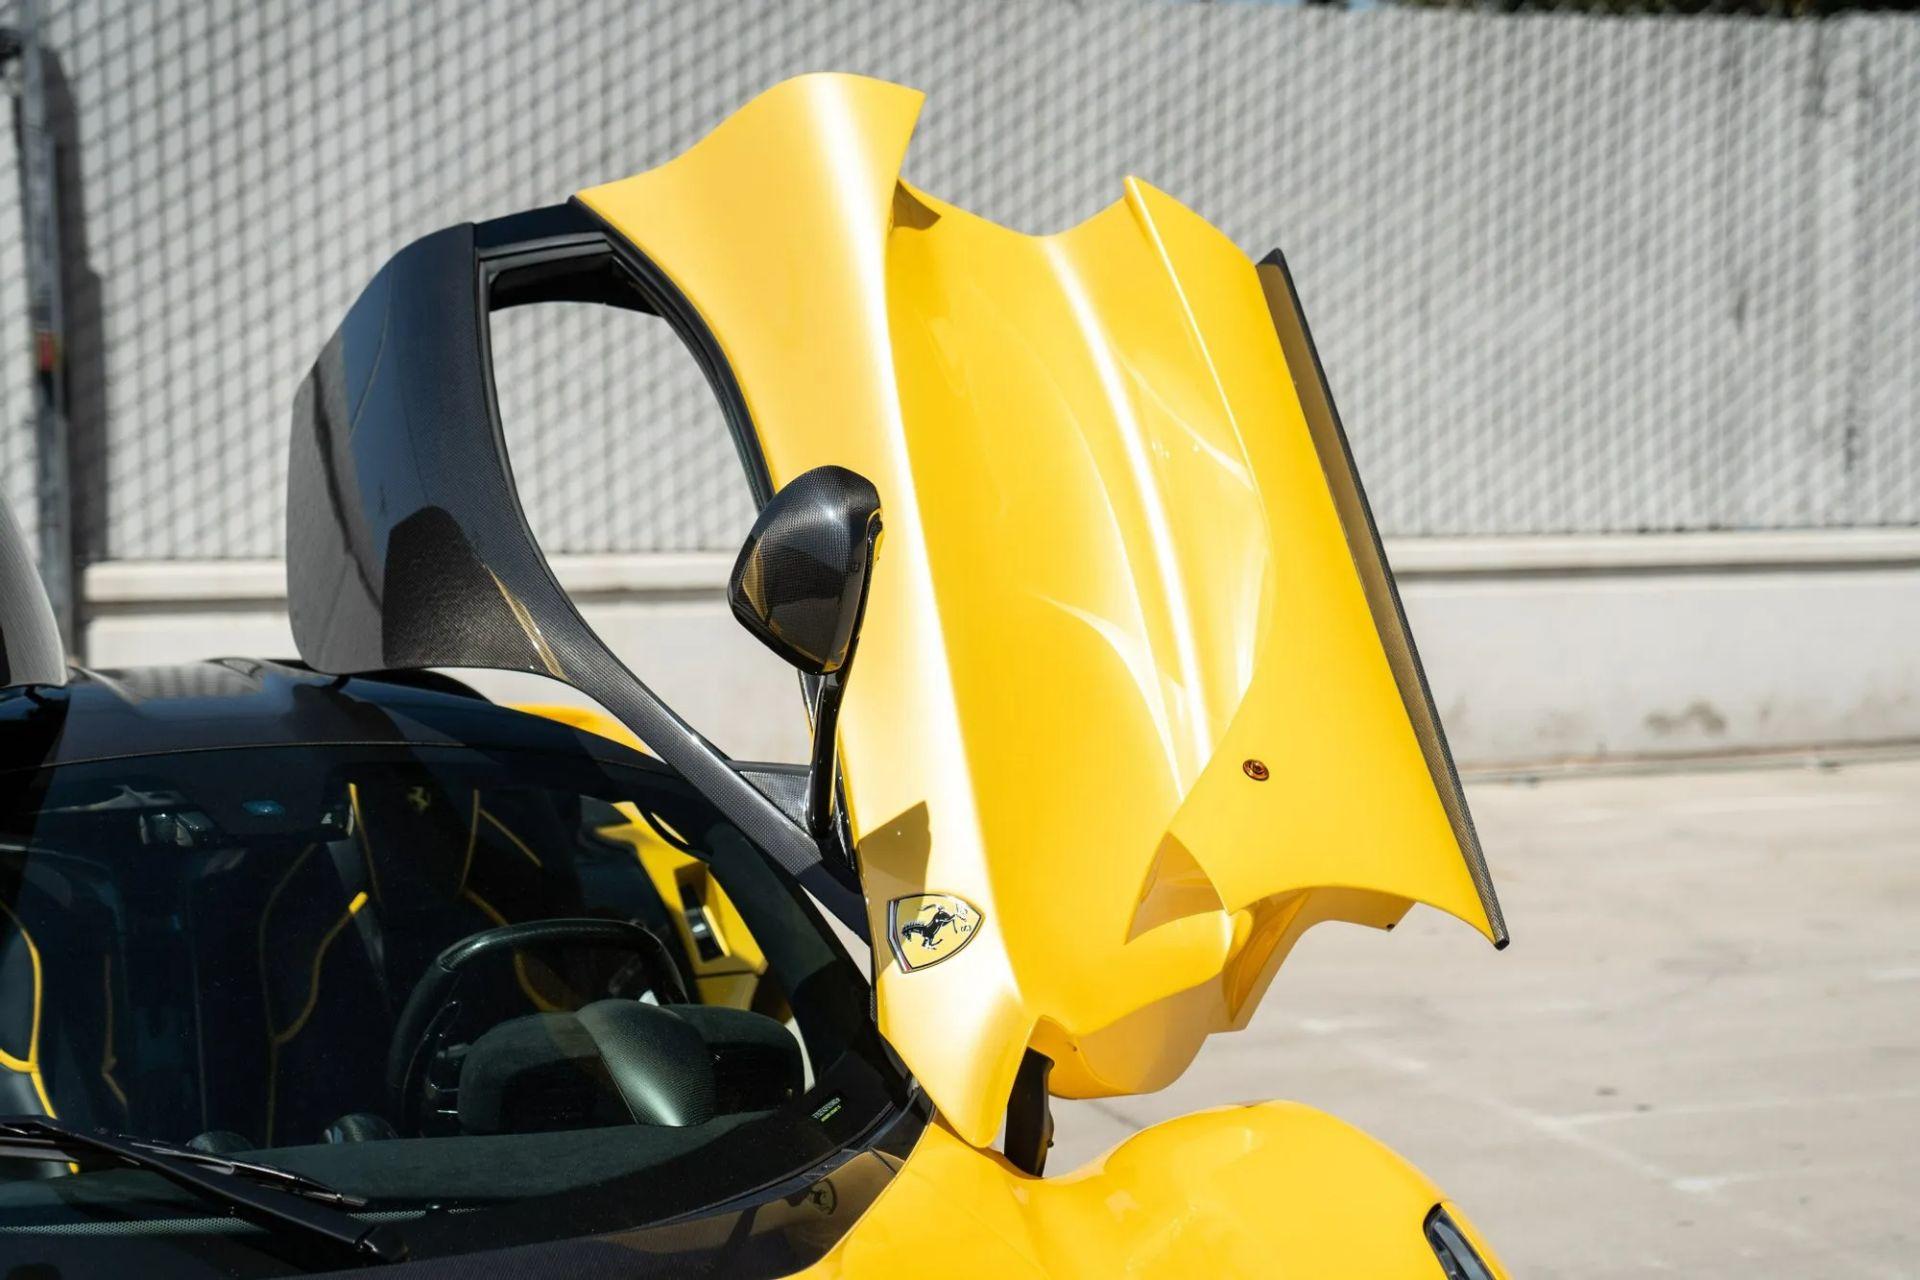 2015-La-Ferrari-Giallo-Triplo-Strato-12